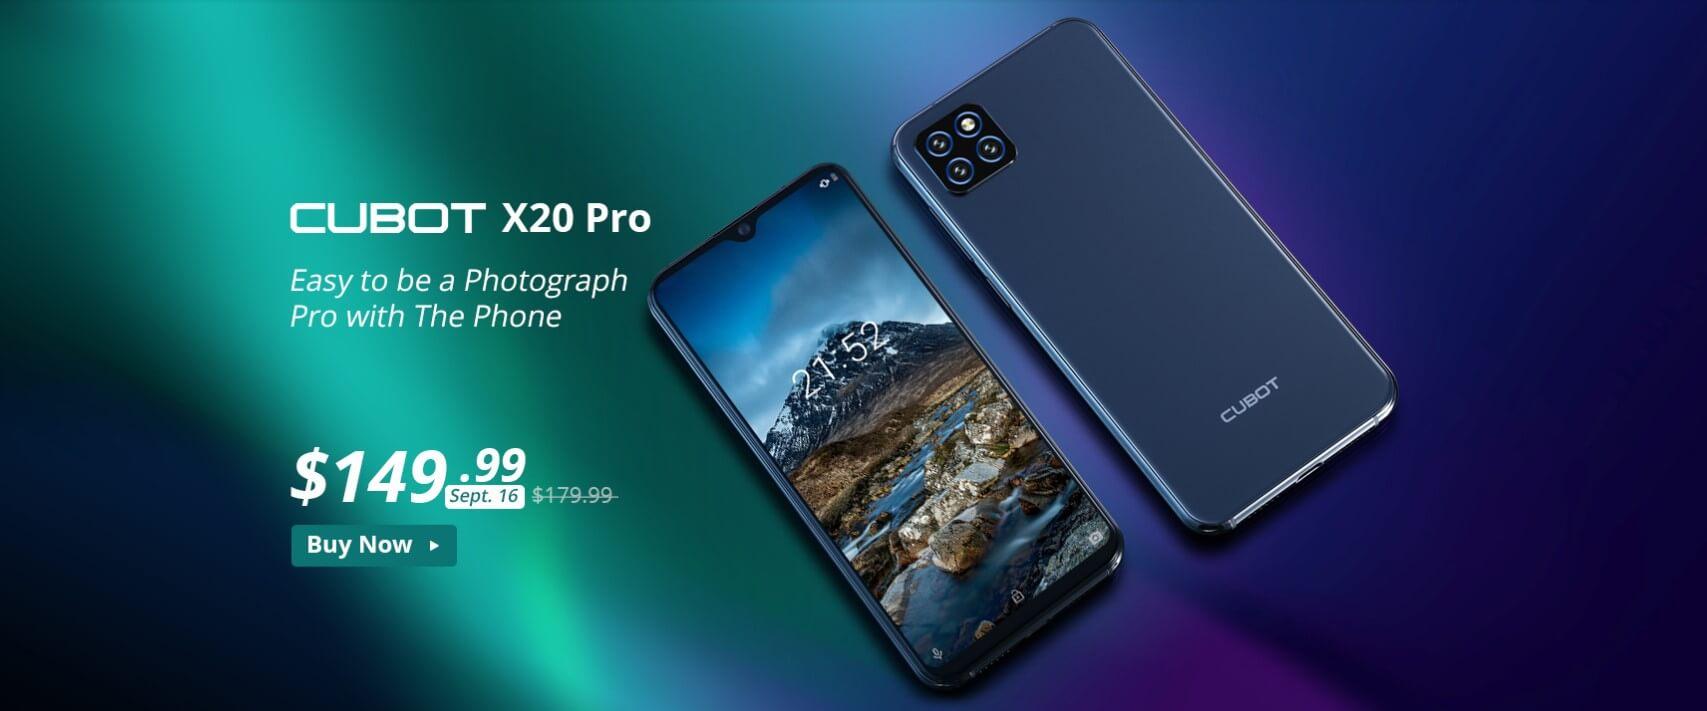 「CUBOT X20 Pro 」発売